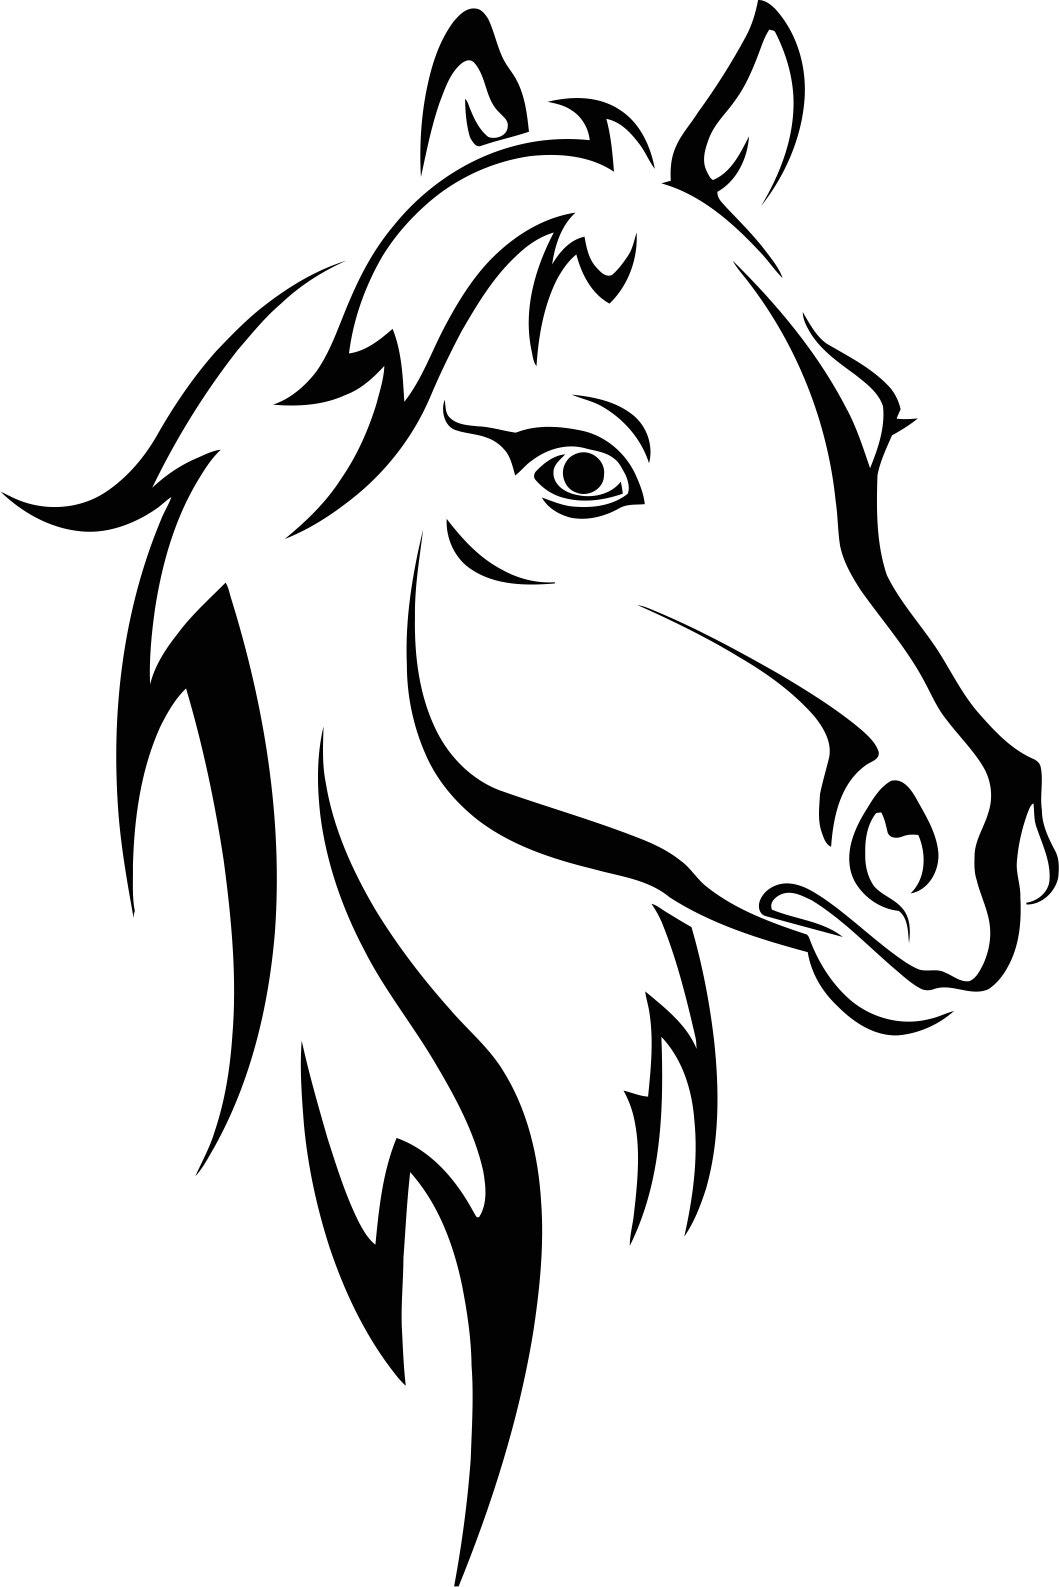 Horse Stencil Free CDR Vectors Art